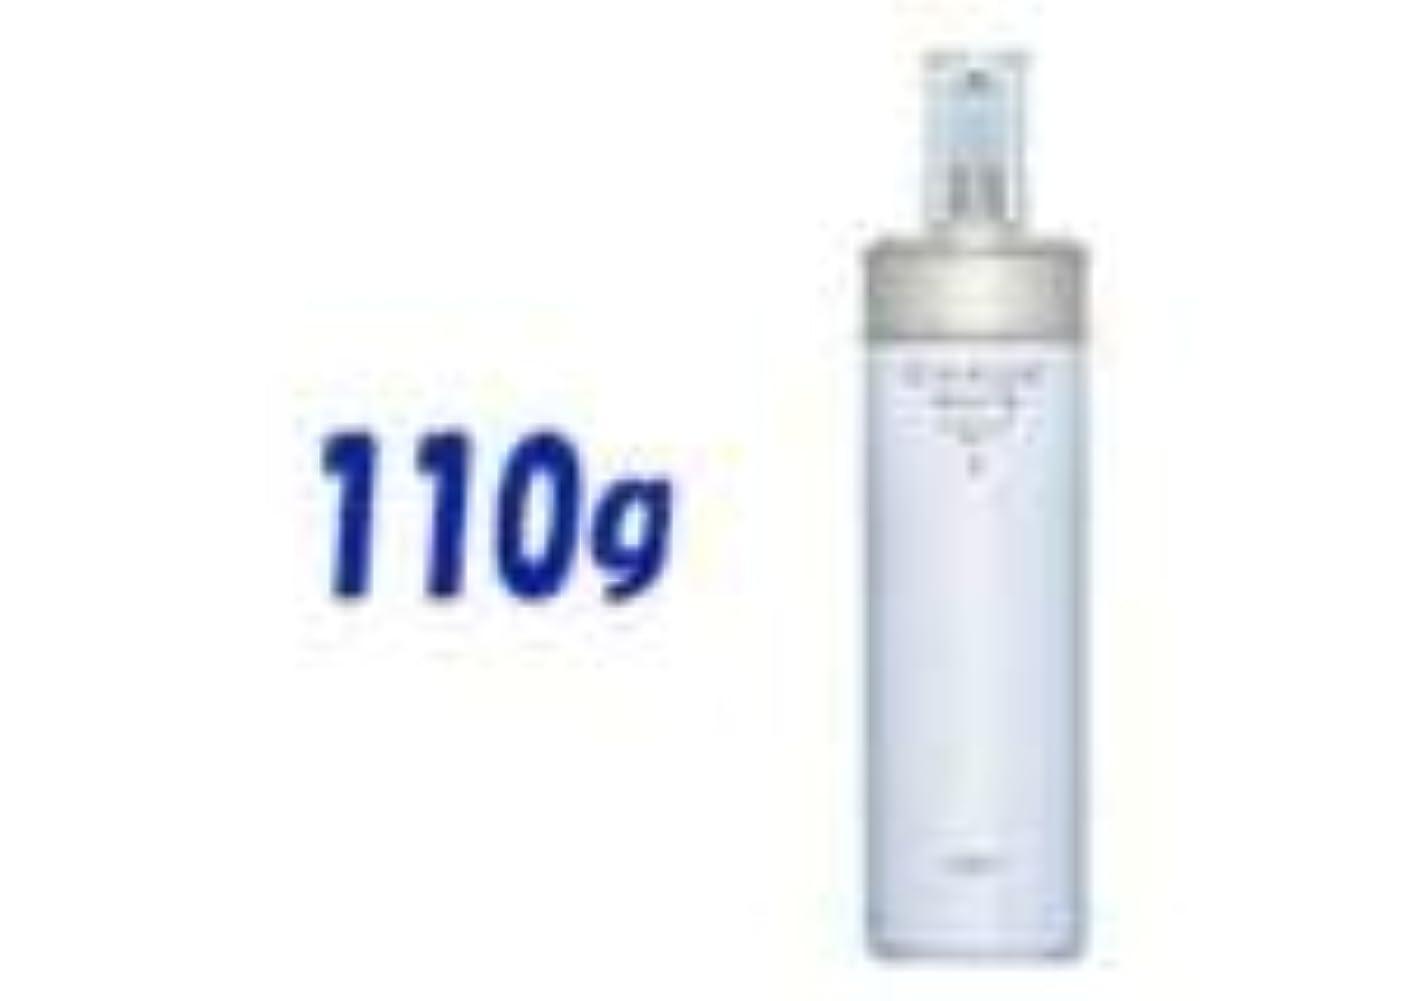 離す追うポータブルアルビオン エクサージュホワイト ホワイトライズ ミルクI(医薬部外品)(110g)